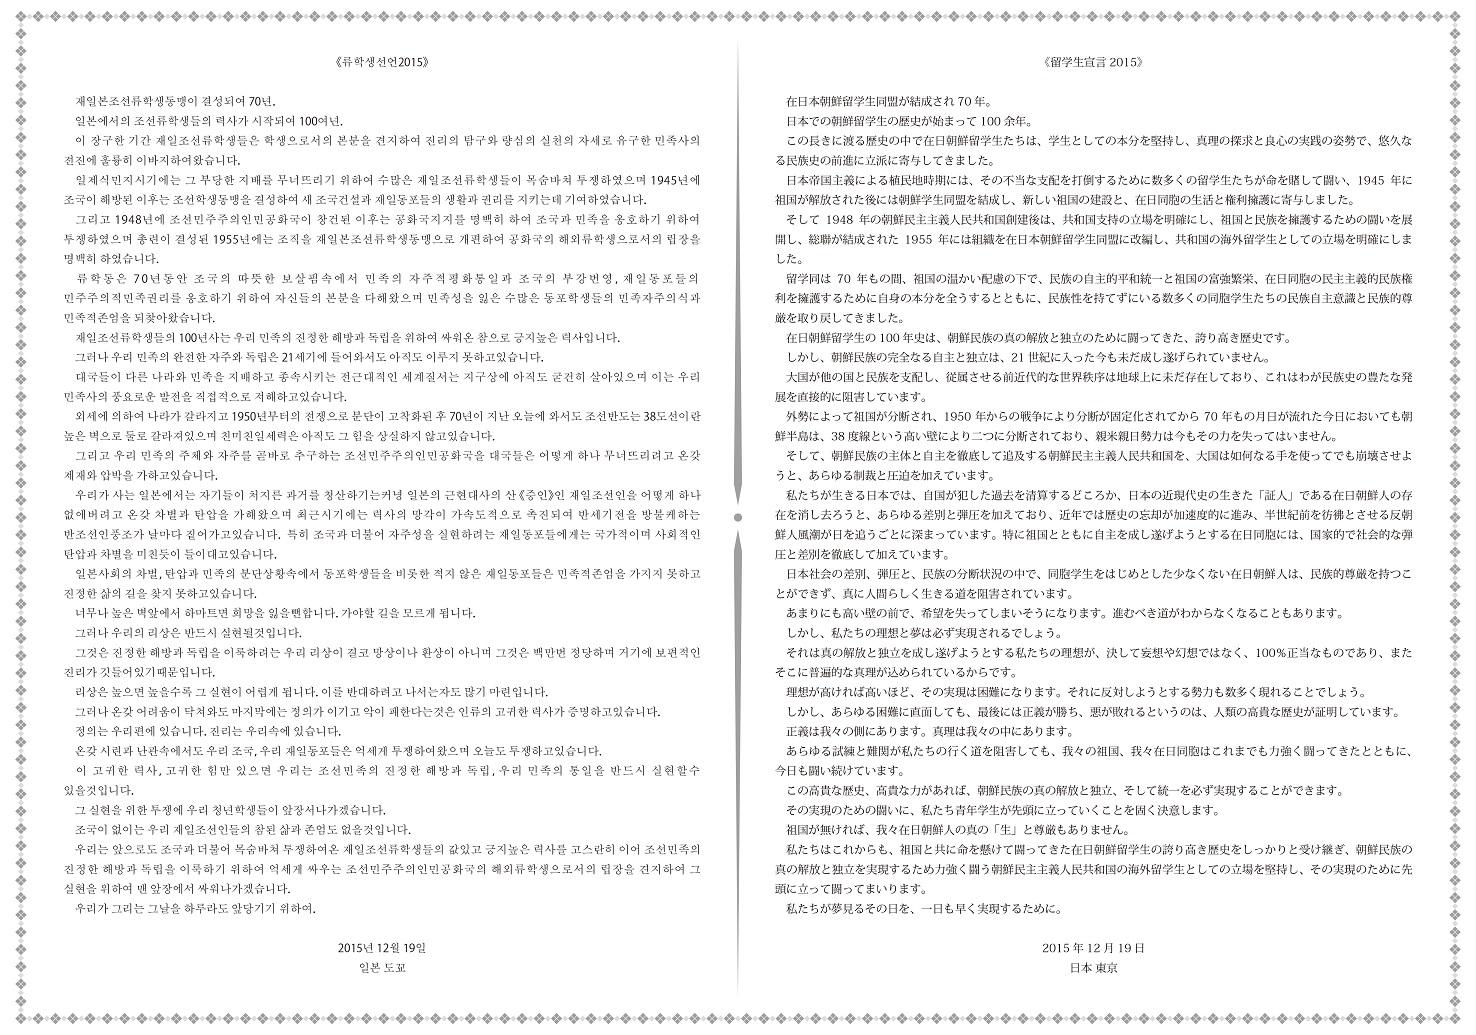 留学生宣言(画像小)